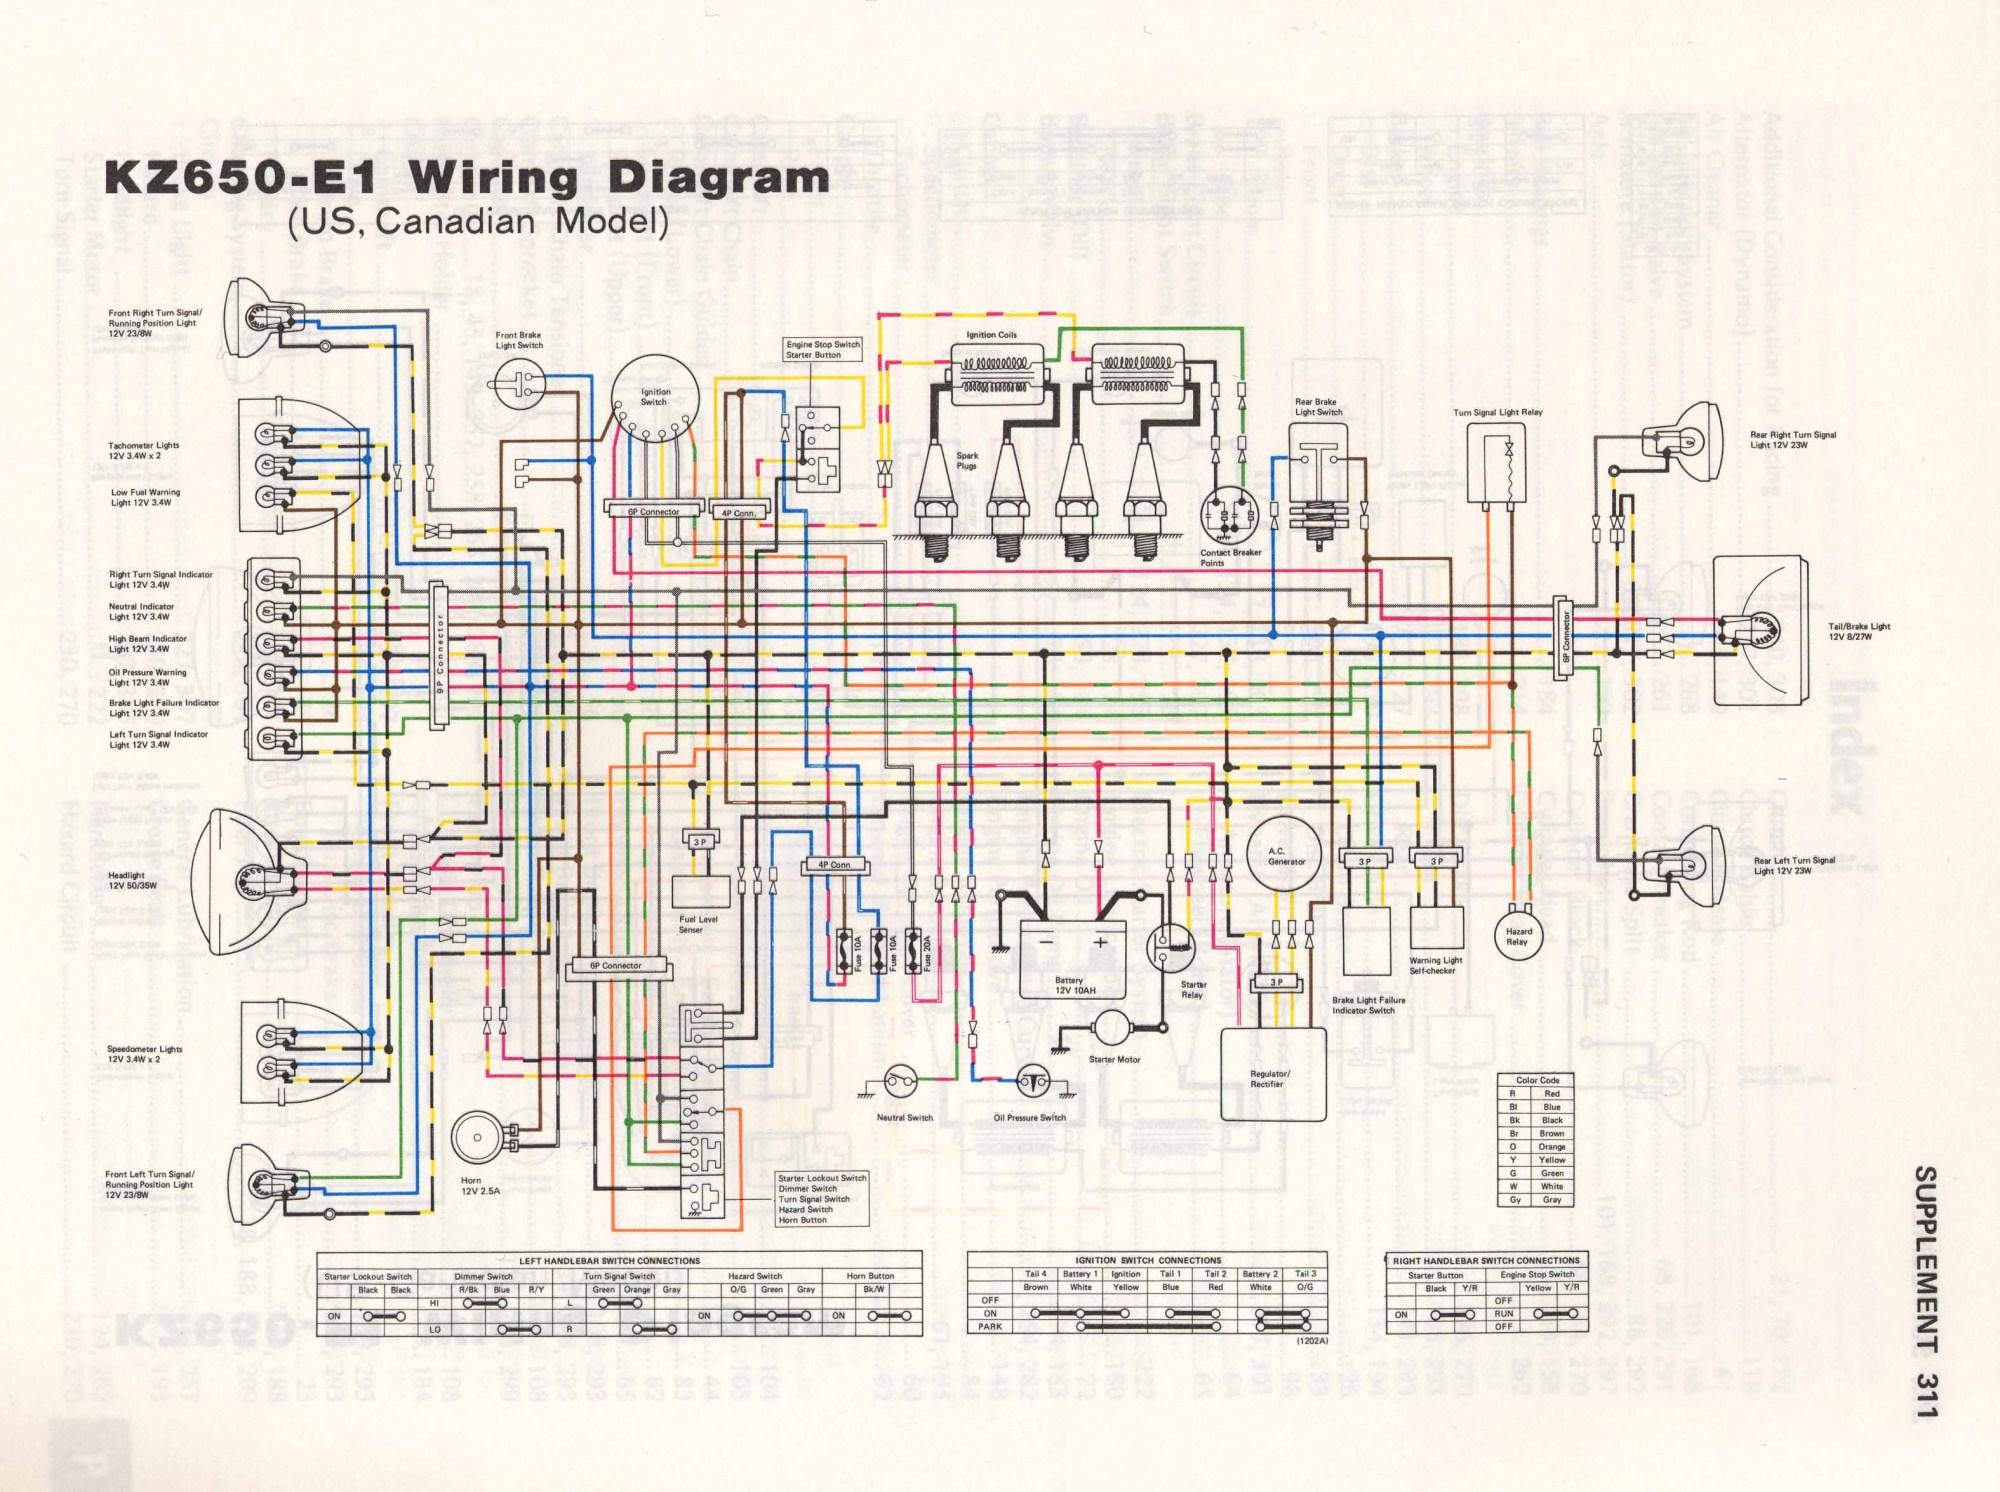 hight resolution of gpz 750 wiring diagram wiring diagram detailed rh 2 14 5 gastspiel gerhartz de 1983 kawasaki